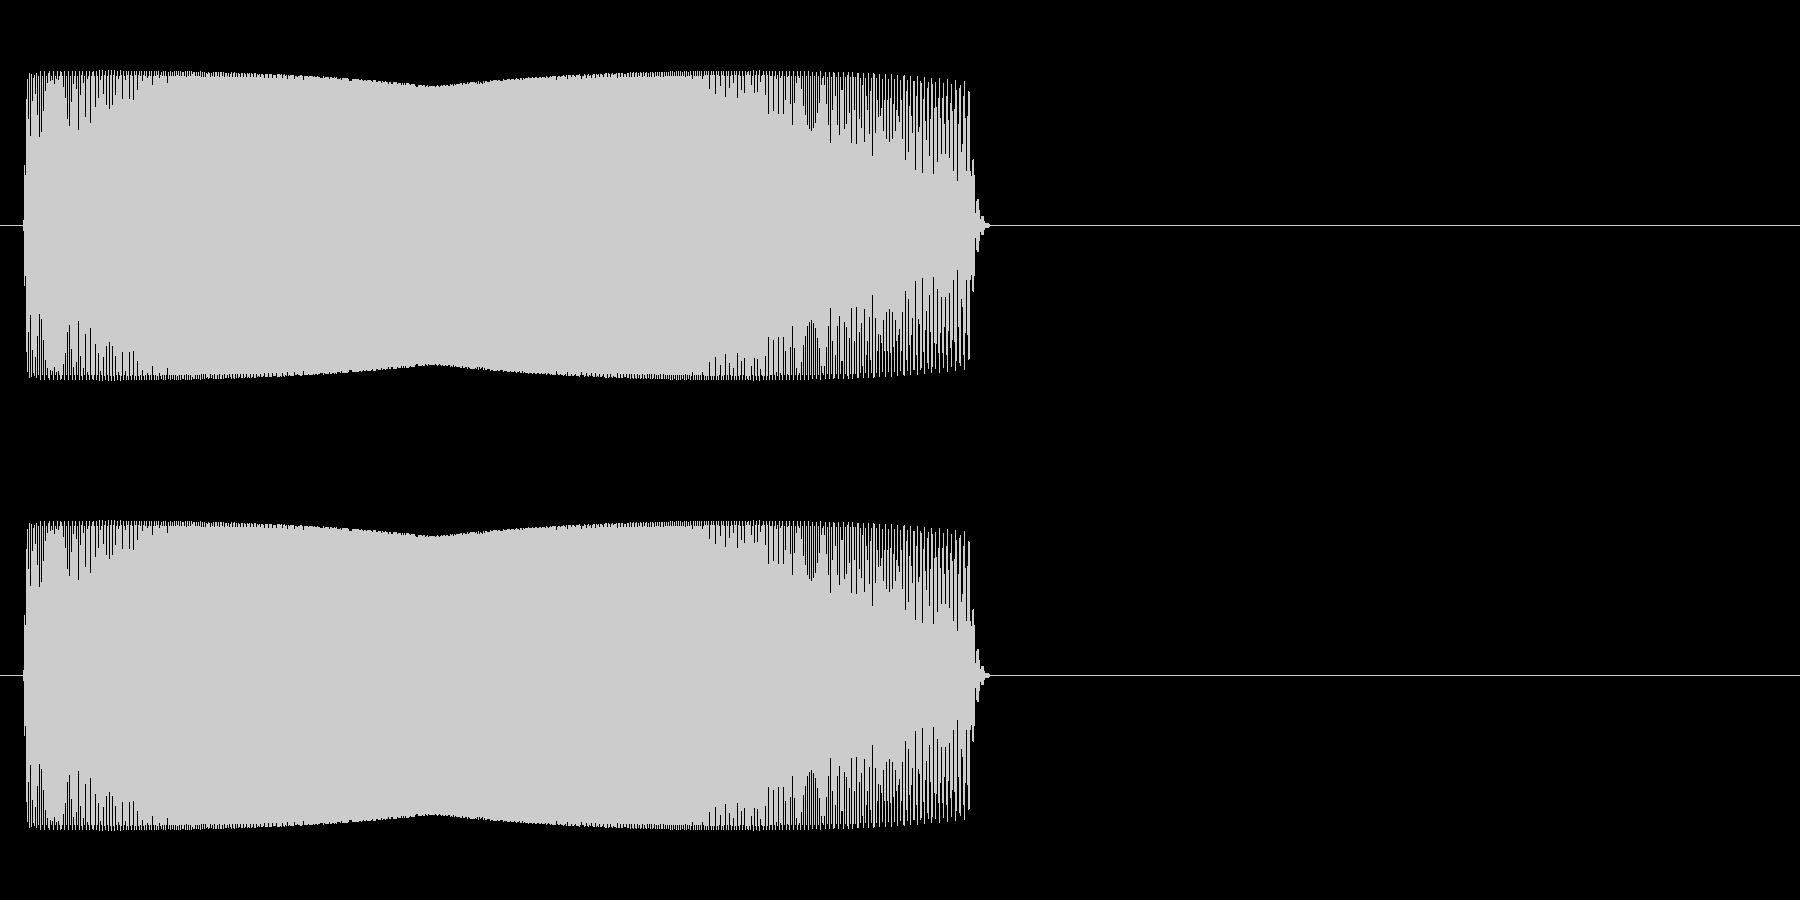 ジャンプ音 「ぴゅいーん」の未再生の波形